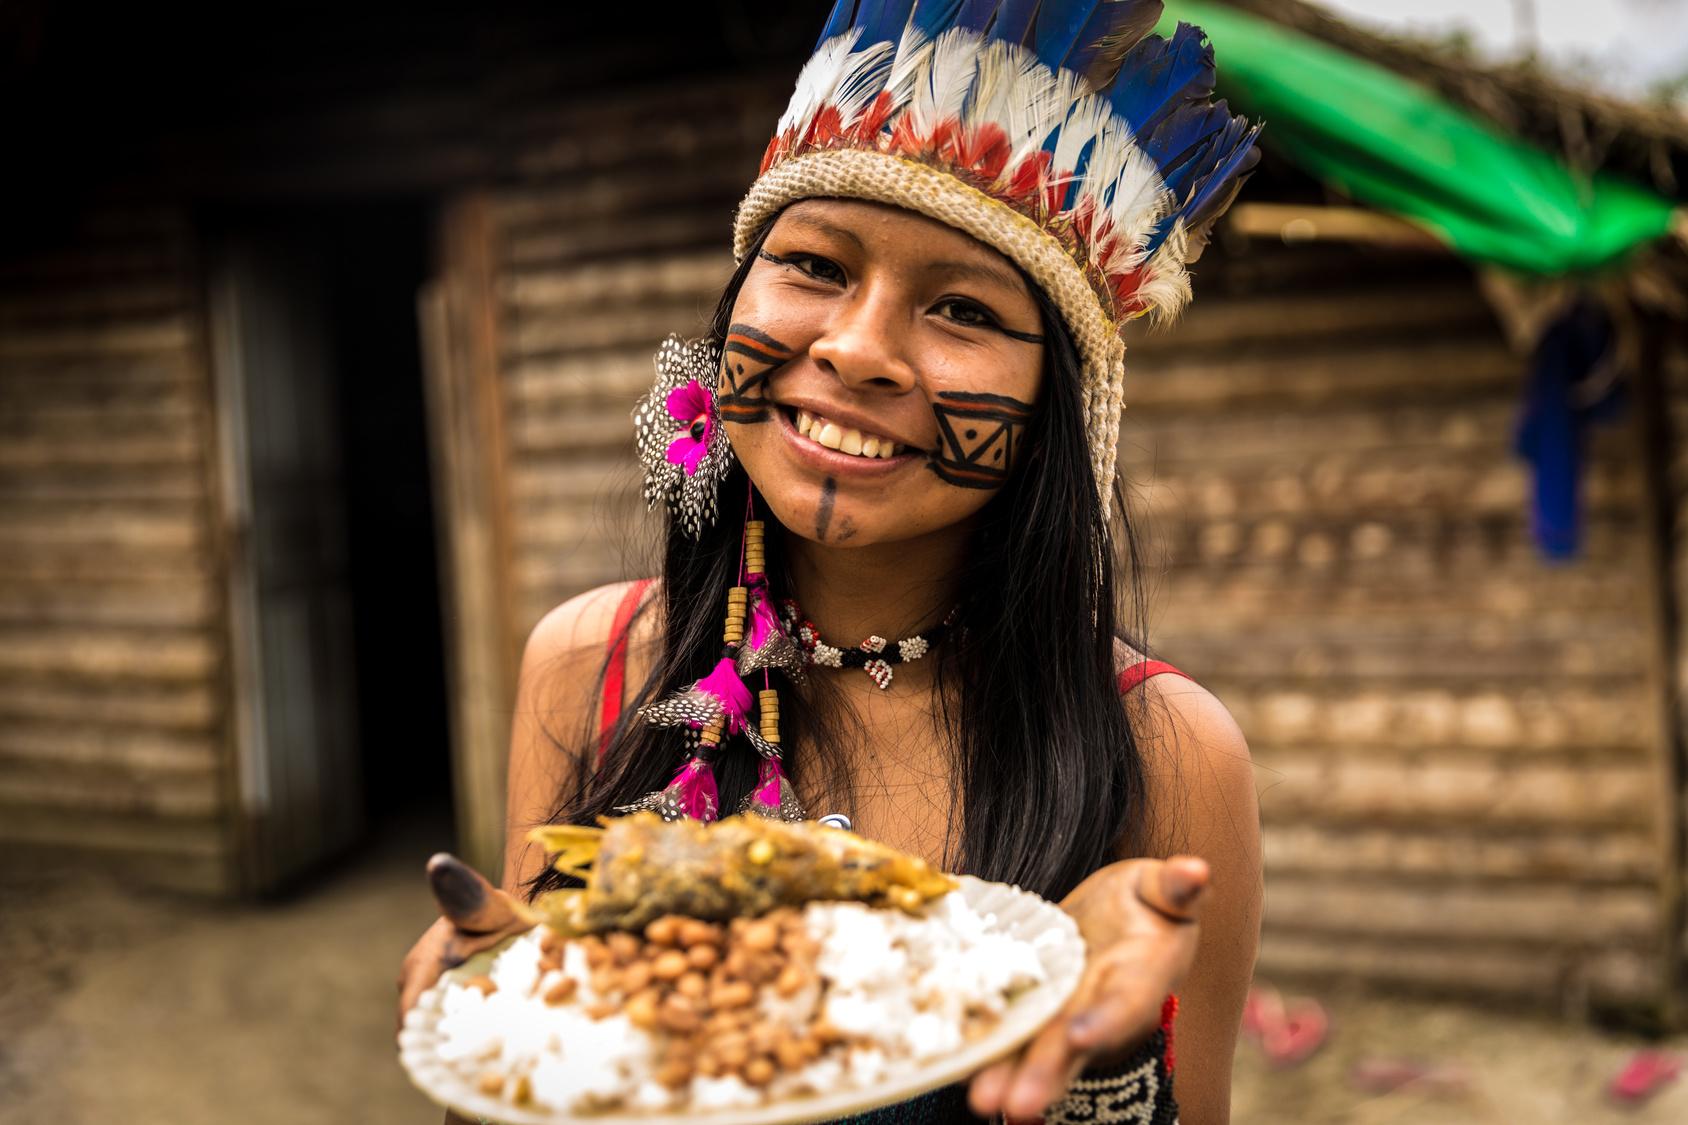 Gesundes Essen bei Naturvölkern